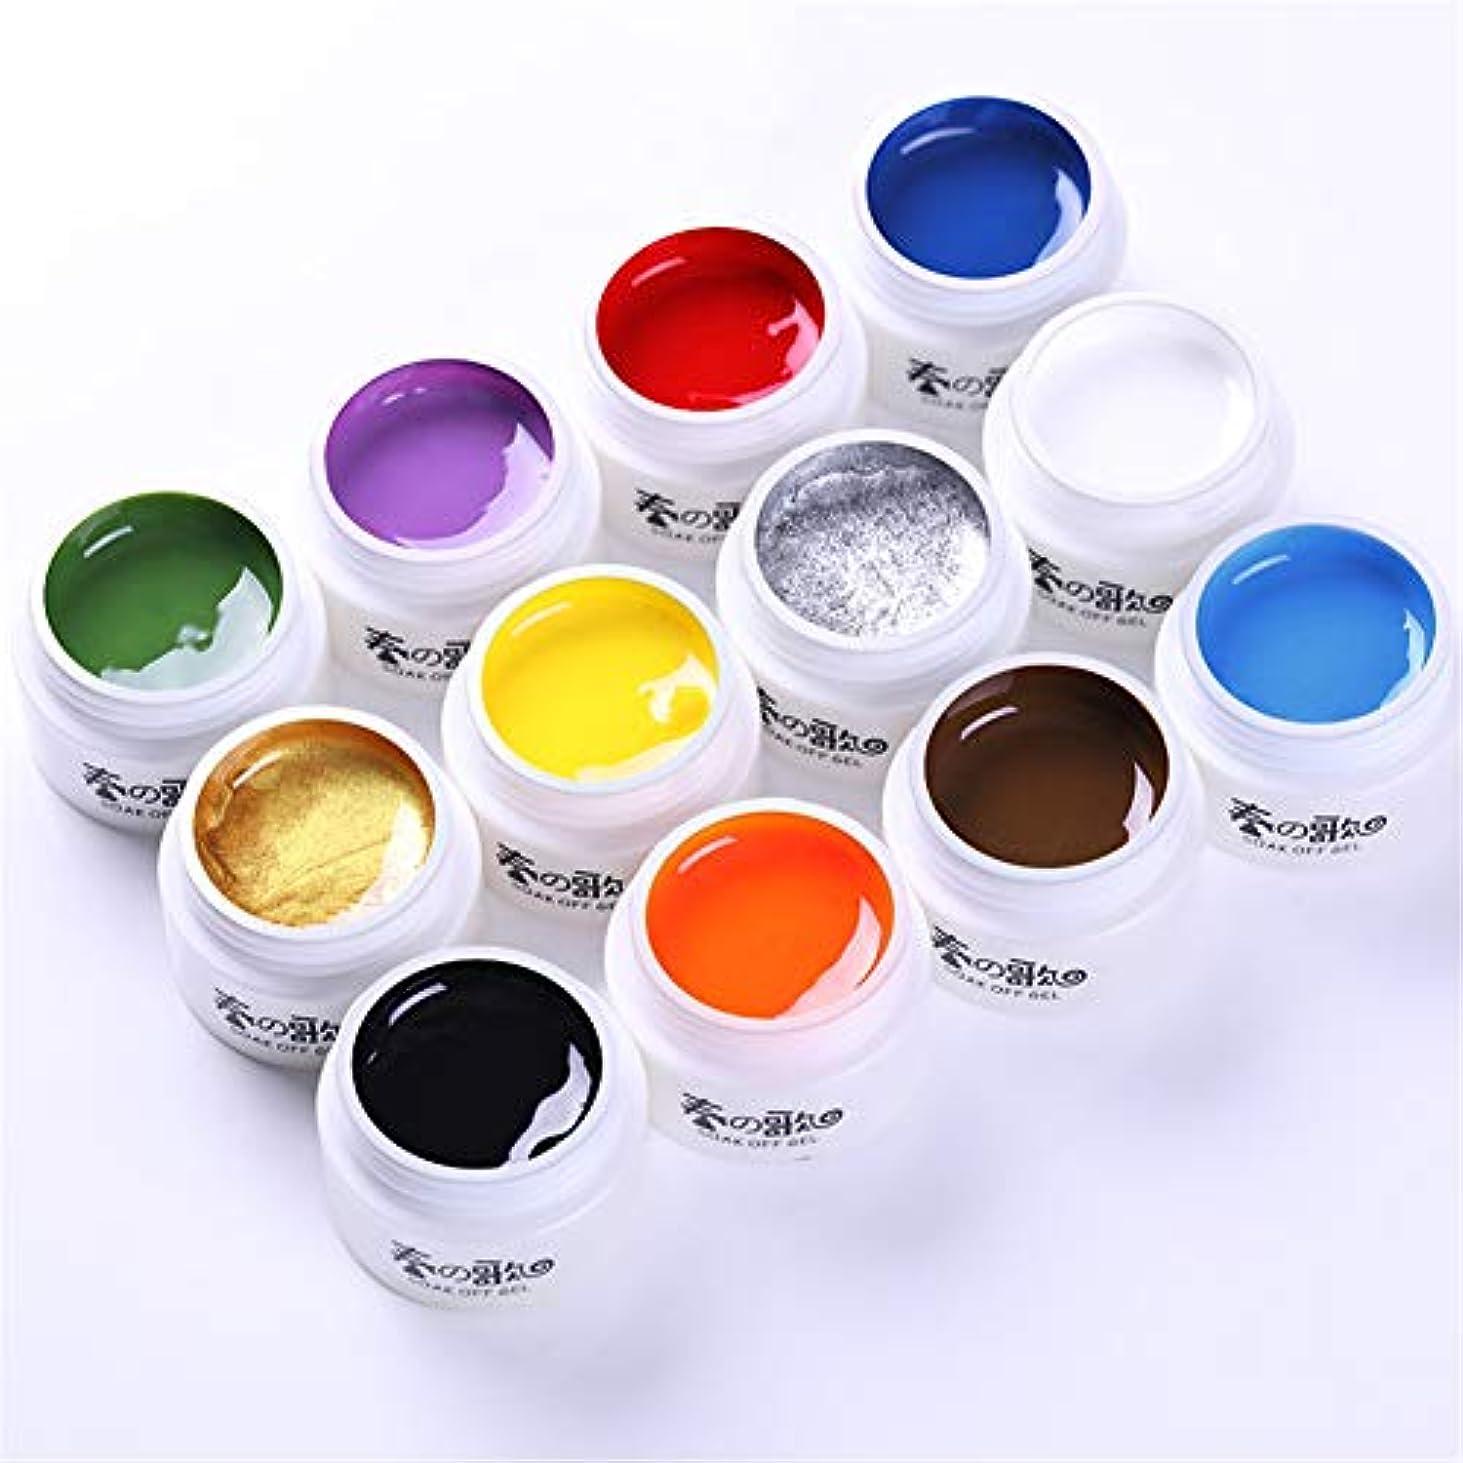 自伝産地ペネロペ春の歌 アート専用のカラージェル ライナージェル ものすごく色が濃いカラージェル ラインを引くためのジェル、アクリル絵の具よりも柔らかく使いやすいジェル LED/UV両方対応 [並行輸入品]